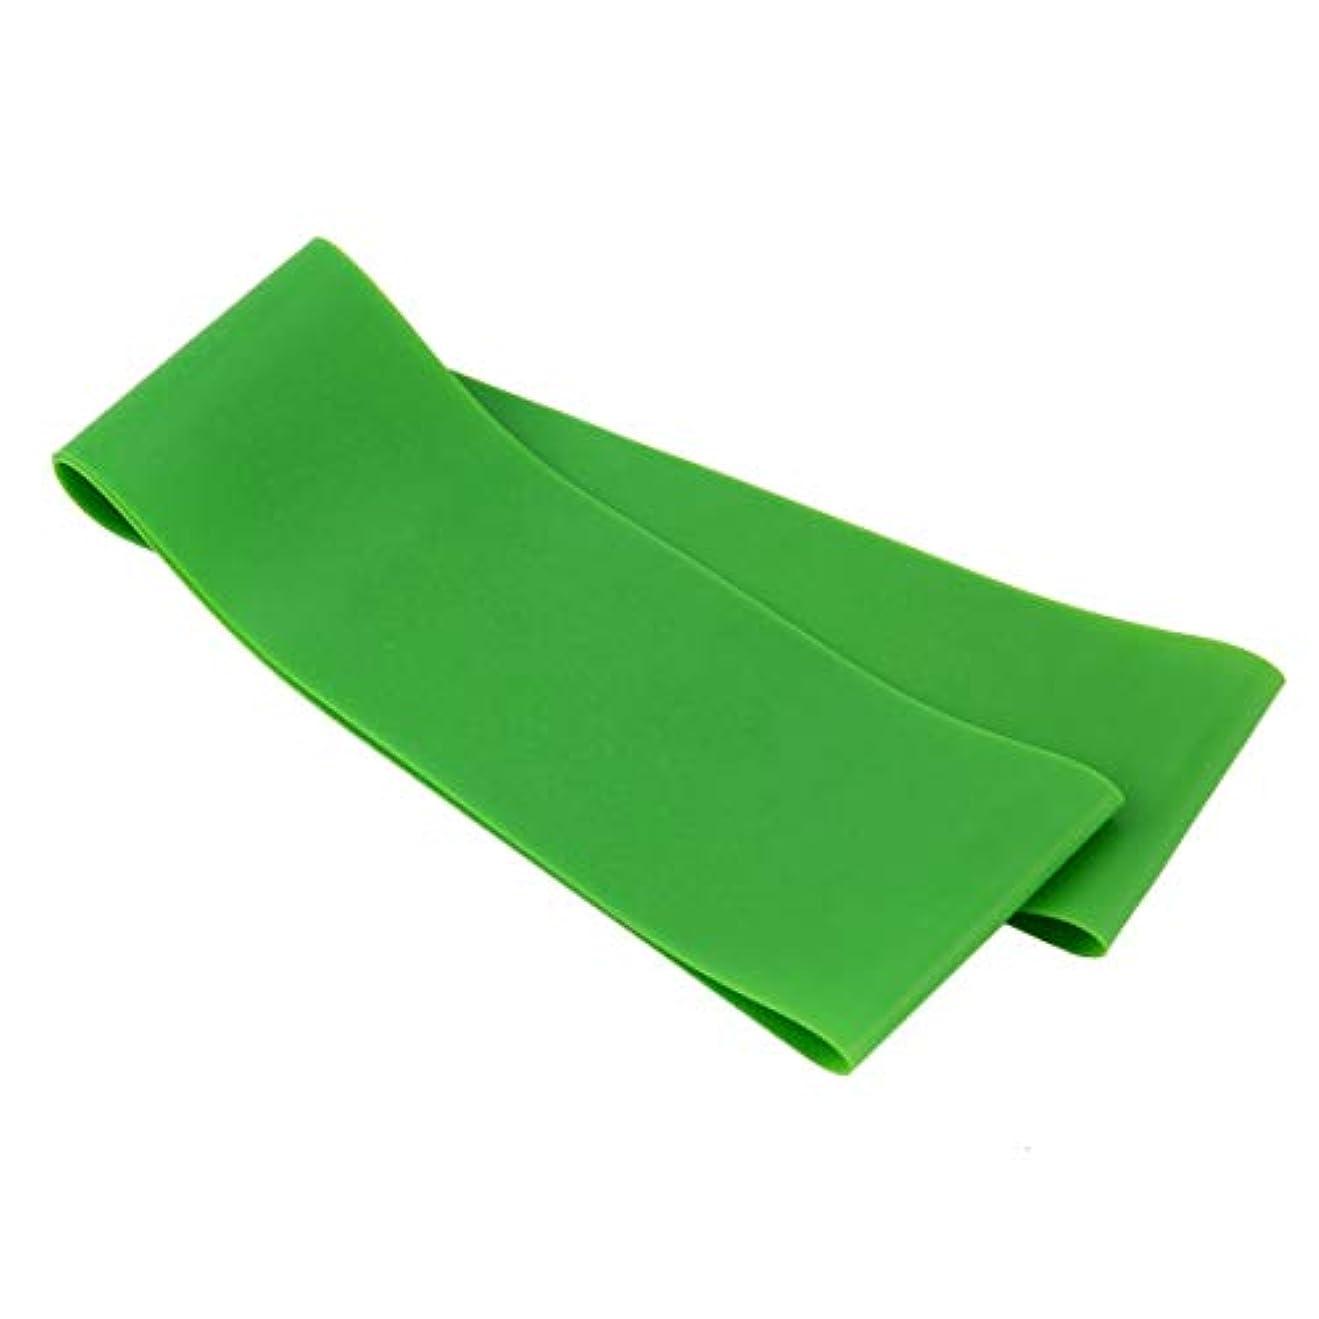 メンバー失敗ラック滑り止め伸縮性ゴム弾性ヨガベルトバンドプルロープ張力抵抗バンドループ強度のためのフィットネスヨガツール - グリーン